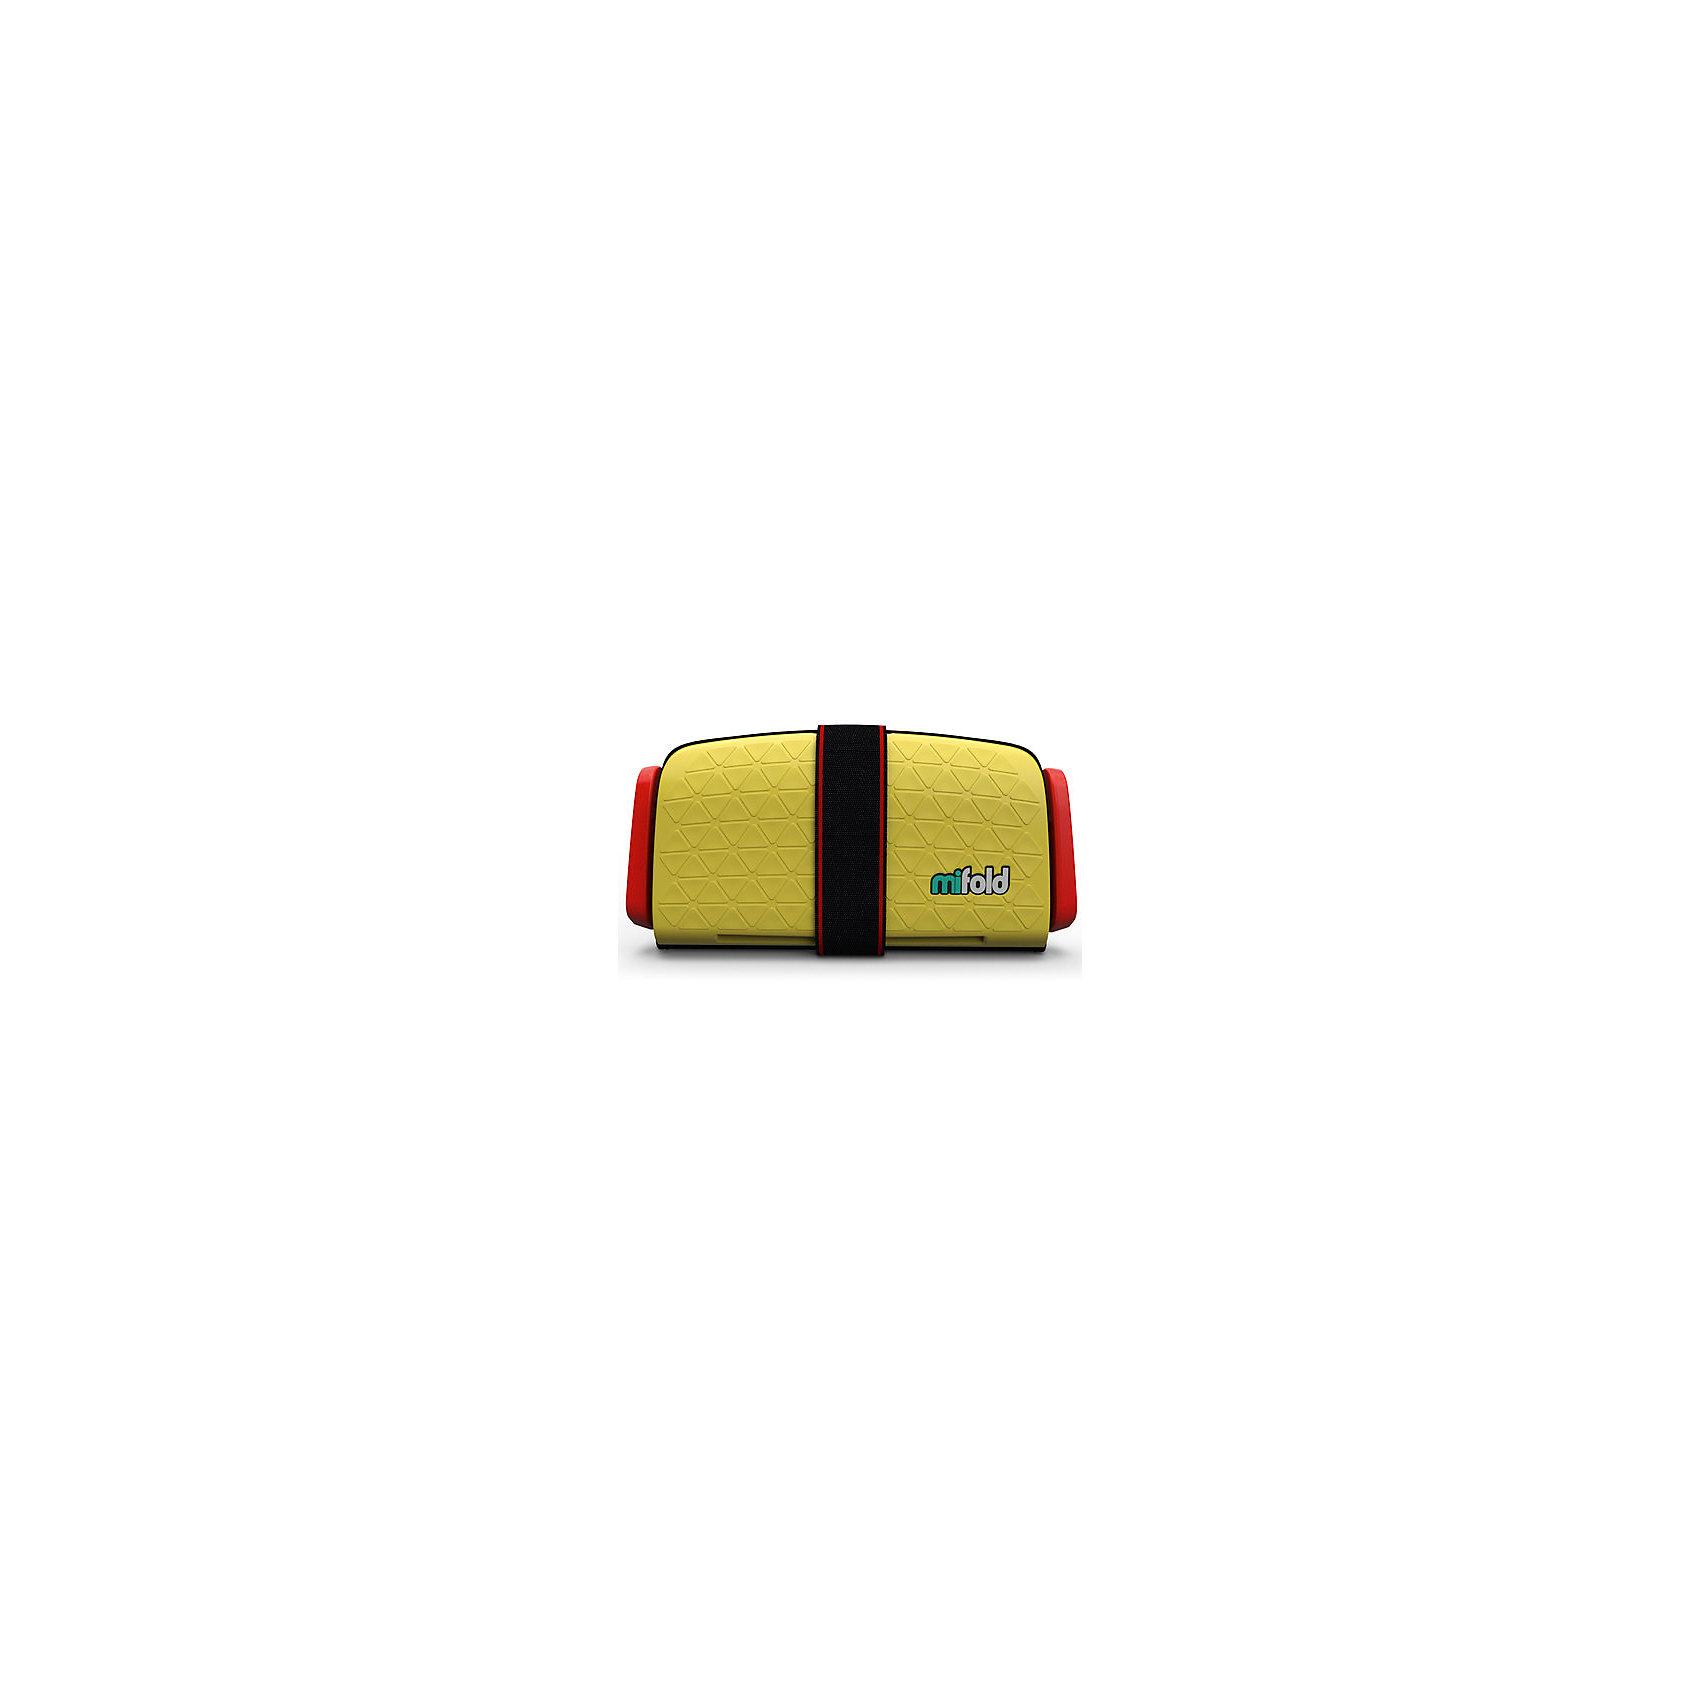 Автокресло-бустер Mifold 15-36 кг, taxi yellowБустеры<br>Характеристики товара:<br><br>• цвет: желтый;<br>• возраст: от 4 до 12 лет;<br>• в сложенном виде легко поместится в бардачок автомобиля;<br>• в разложенном виде имеет габариты в 10 раз меньше, чем стандартные бустеры других брендов;<br>• легко и быстро складывается до размеров 25.5х12.7 см;<br>• корпус бустера Mifold выполнен из алюминия марки 6061 и выдерживает сильнейшие нагрузки во время столкновения;<br>• вес: 750гр.;<br>• три положения ширины натяжителей ремней и возможность полностью менять высоту ремня, чтобы он проходил ровно по плечу ребенка;<br>• практичный в чистке: достаточно вымыть мыльным раствором и высушить.<br>• страна производства: Израиль.<br><br>Детское портативное автокресло-бустер Mifold - поистине уникальная находка для мобильных родителей. Этот невероятно компактный бустер имеет массу преимуществ и является уникальным в данной возрастной группе (4-12 лет).<br><br>Автокресло-бустер Mifold 15-36 кг можно купить в нашем интернет-магазине.<br><br>Ширина мм: 170<br>Глубина мм: 255<br>Высота мм: 75<br>Вес г: 950<br>Цвет: желтый<br>Возраст от месяцев: 48<br>Возраст до месяцев: 144<br>Пол: Унисекс<br>Возраст: Детский<br>SKU: 6878757